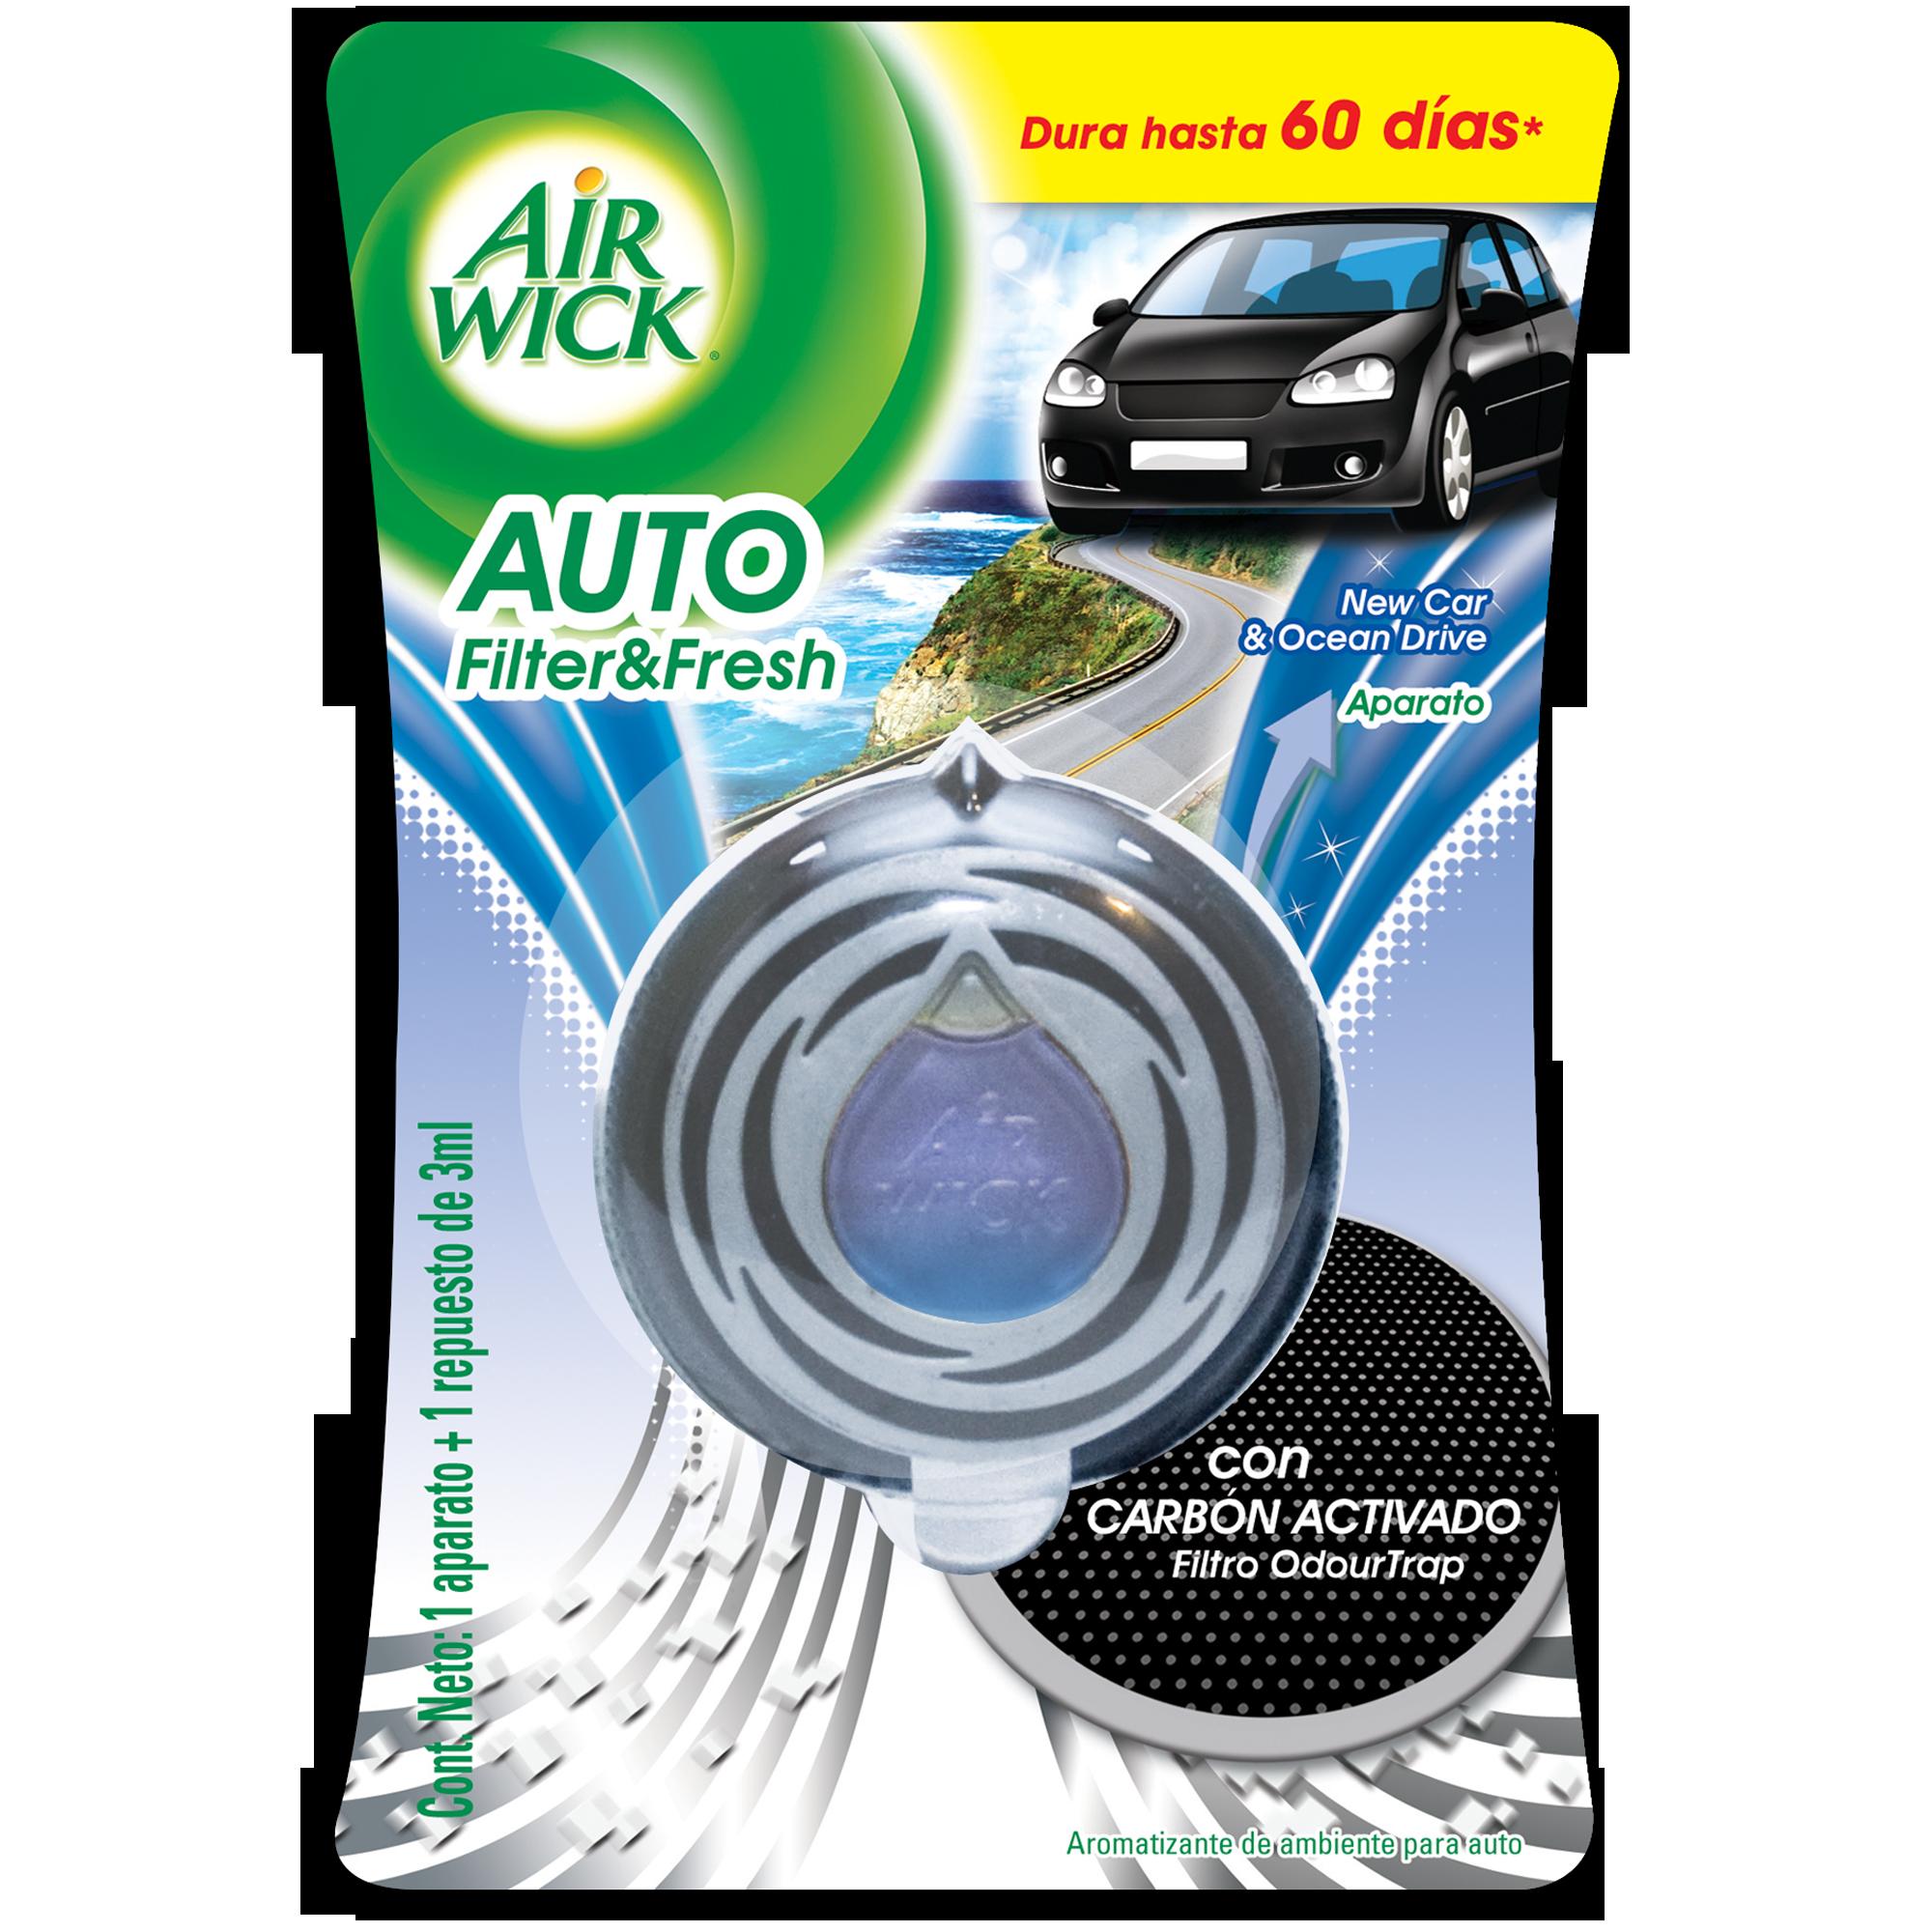 Air Wick® F&F Auto Nuevo Aparato + Repuesto para auto 3 mL